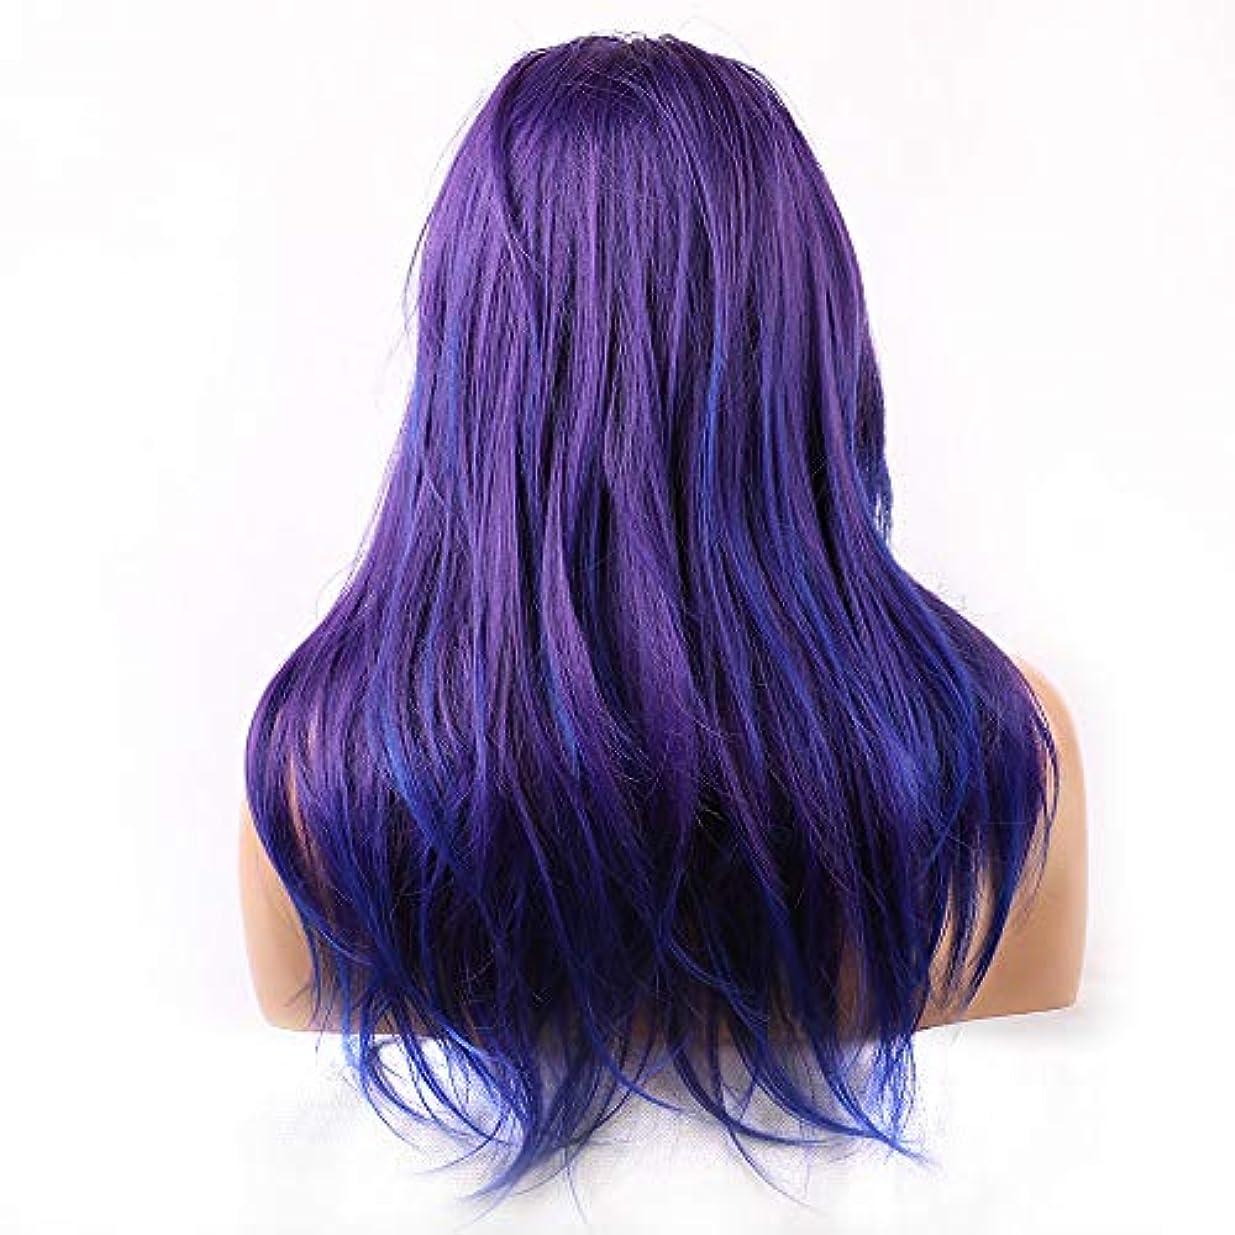 コンパクト毒液アッパーレースCOSの小道具の前に女性の青い長い巻き毛のかつらをかつら